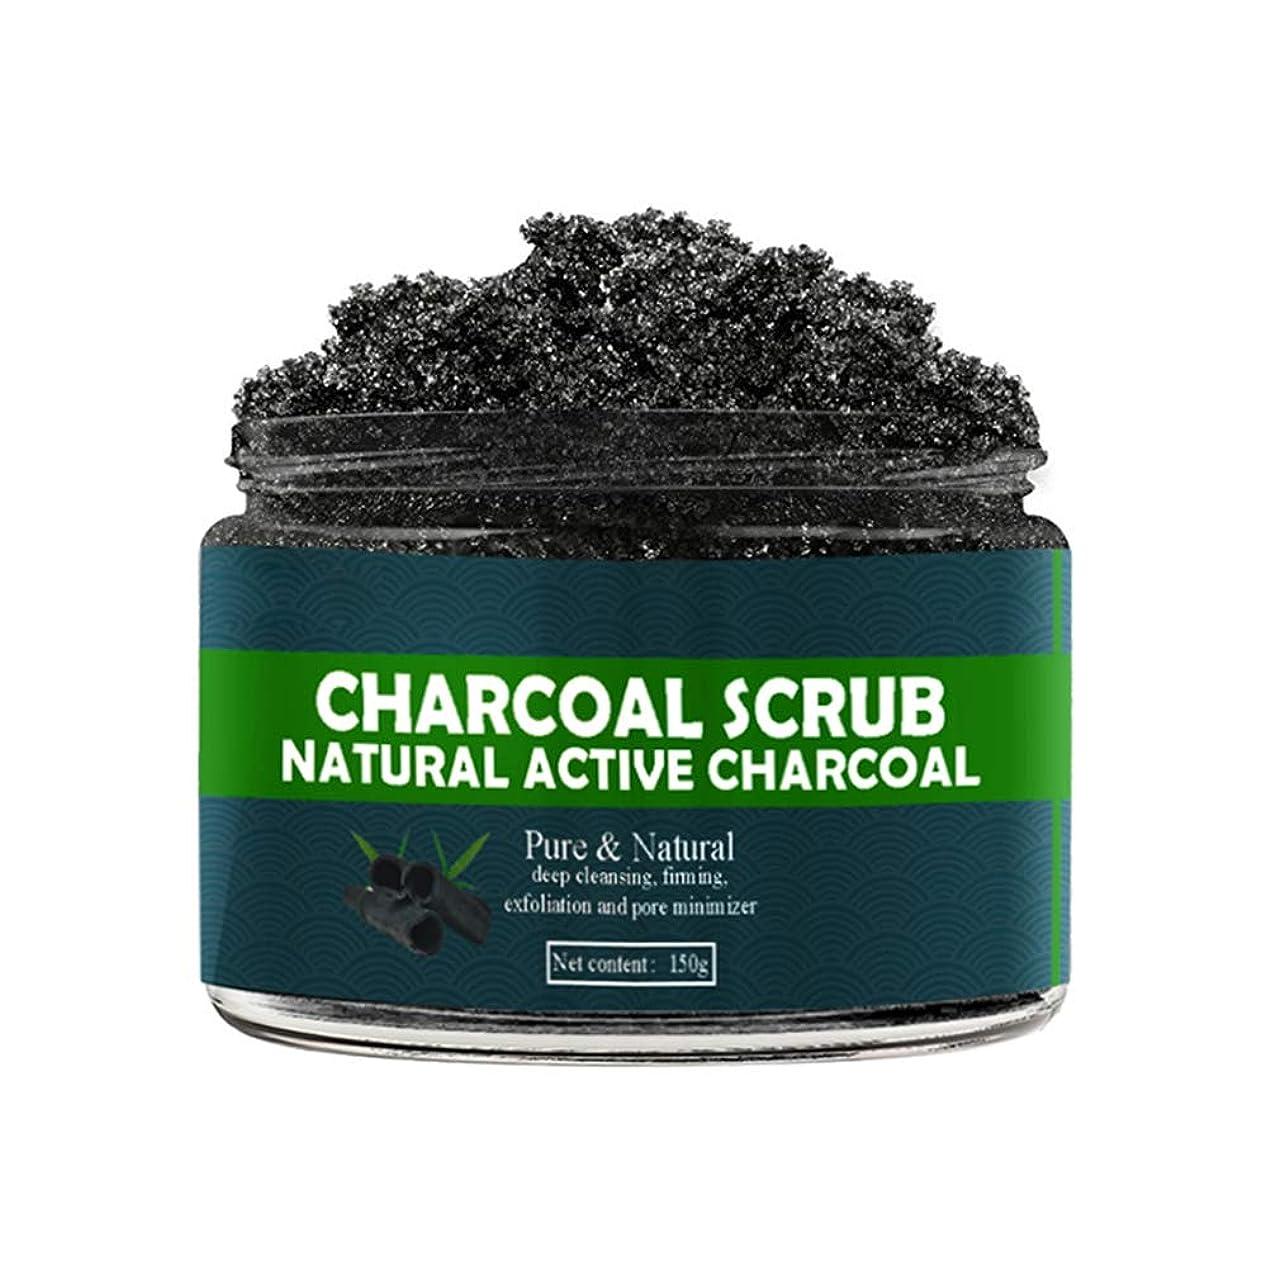 何かチョーク履歴書Creacom ボディマッサージ 竹炭スクラブ 角質ケアブラシ 肌を改善 活性炭 ボディスクラブ エクスフォリエーションクリーム 150g